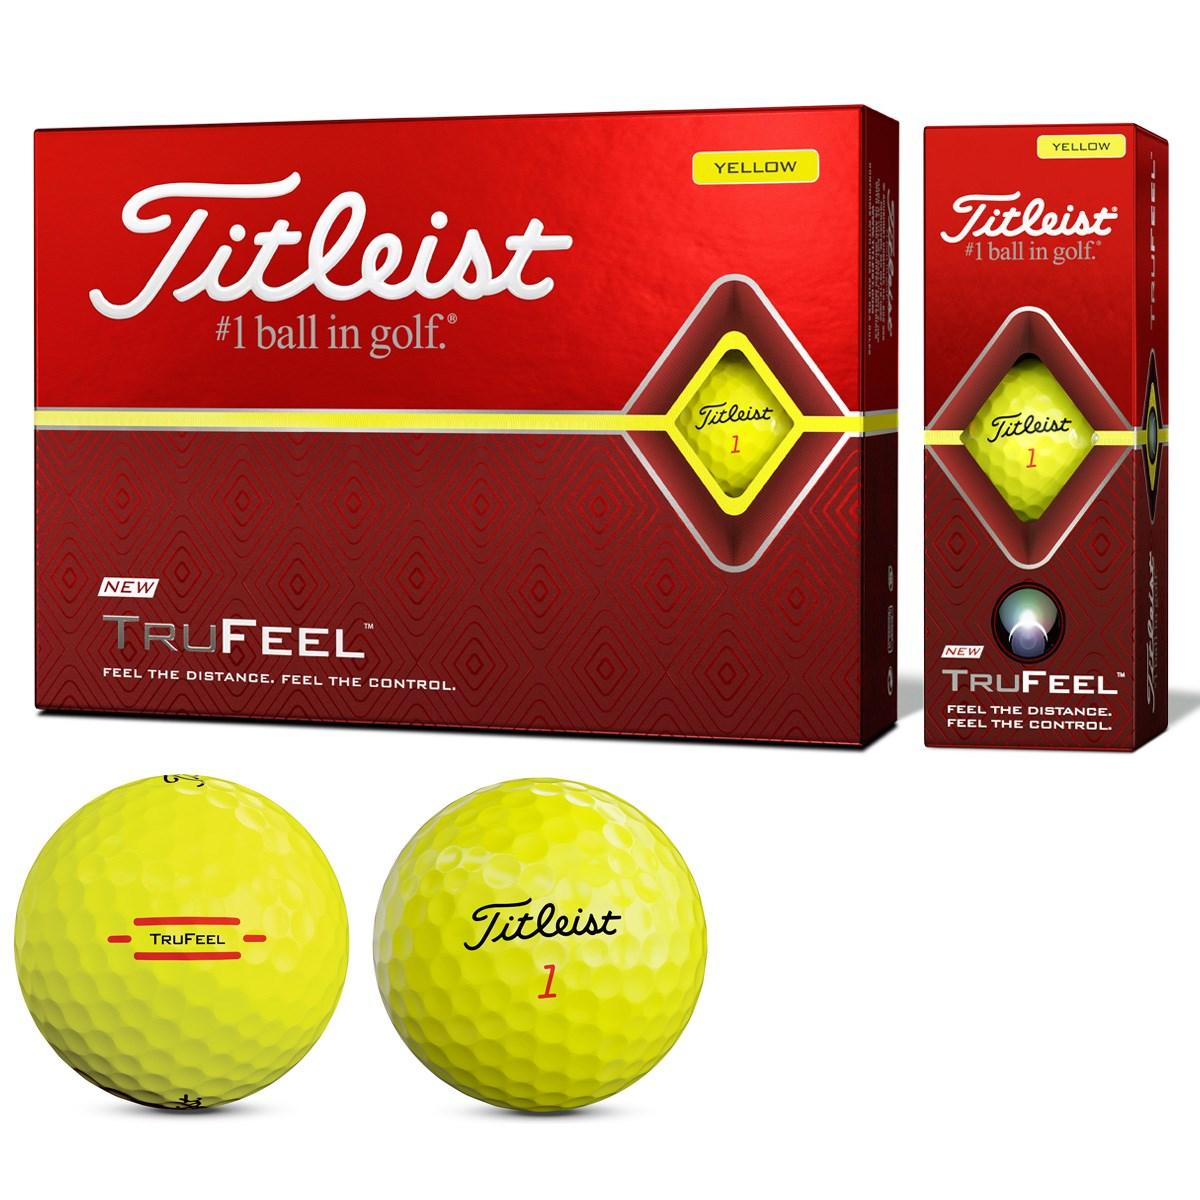 タイトリスト TITLEIST TRUFEEL ボール 1ダース(12個入り) イエロー